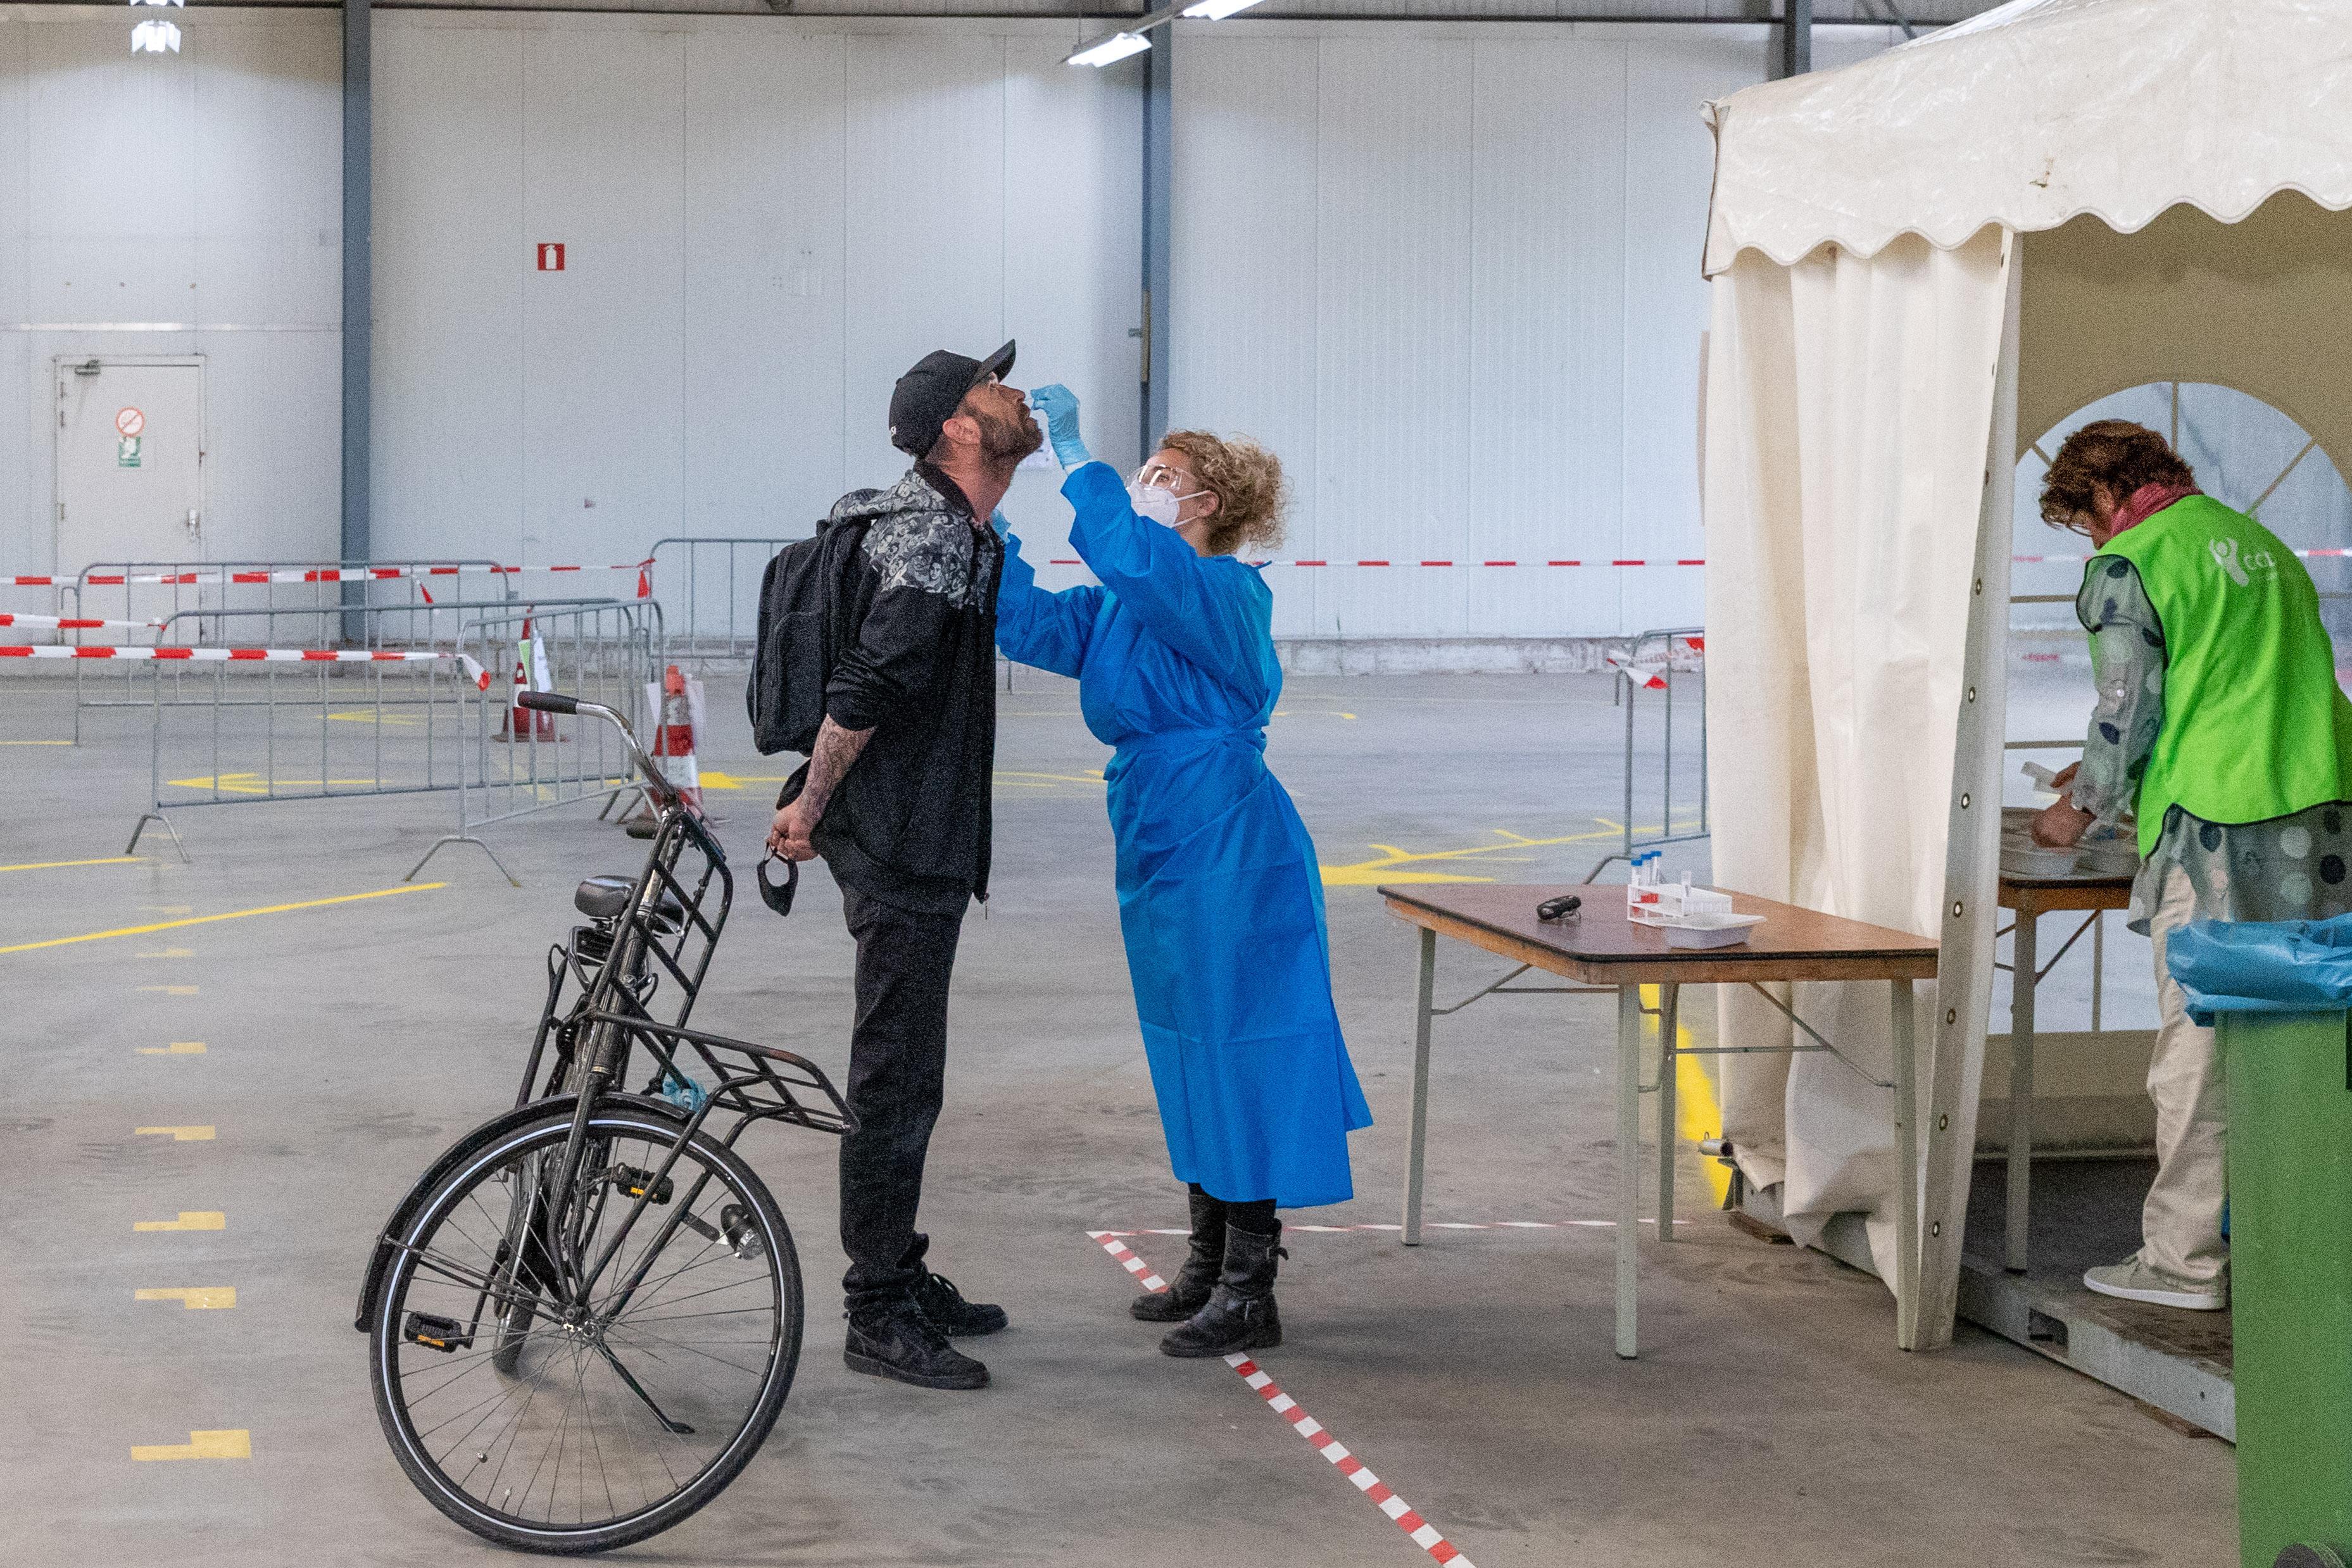 Eerste coronatesten in Zwaag afgenomen: 'Ze gaan best wel diep in de keel en neus'